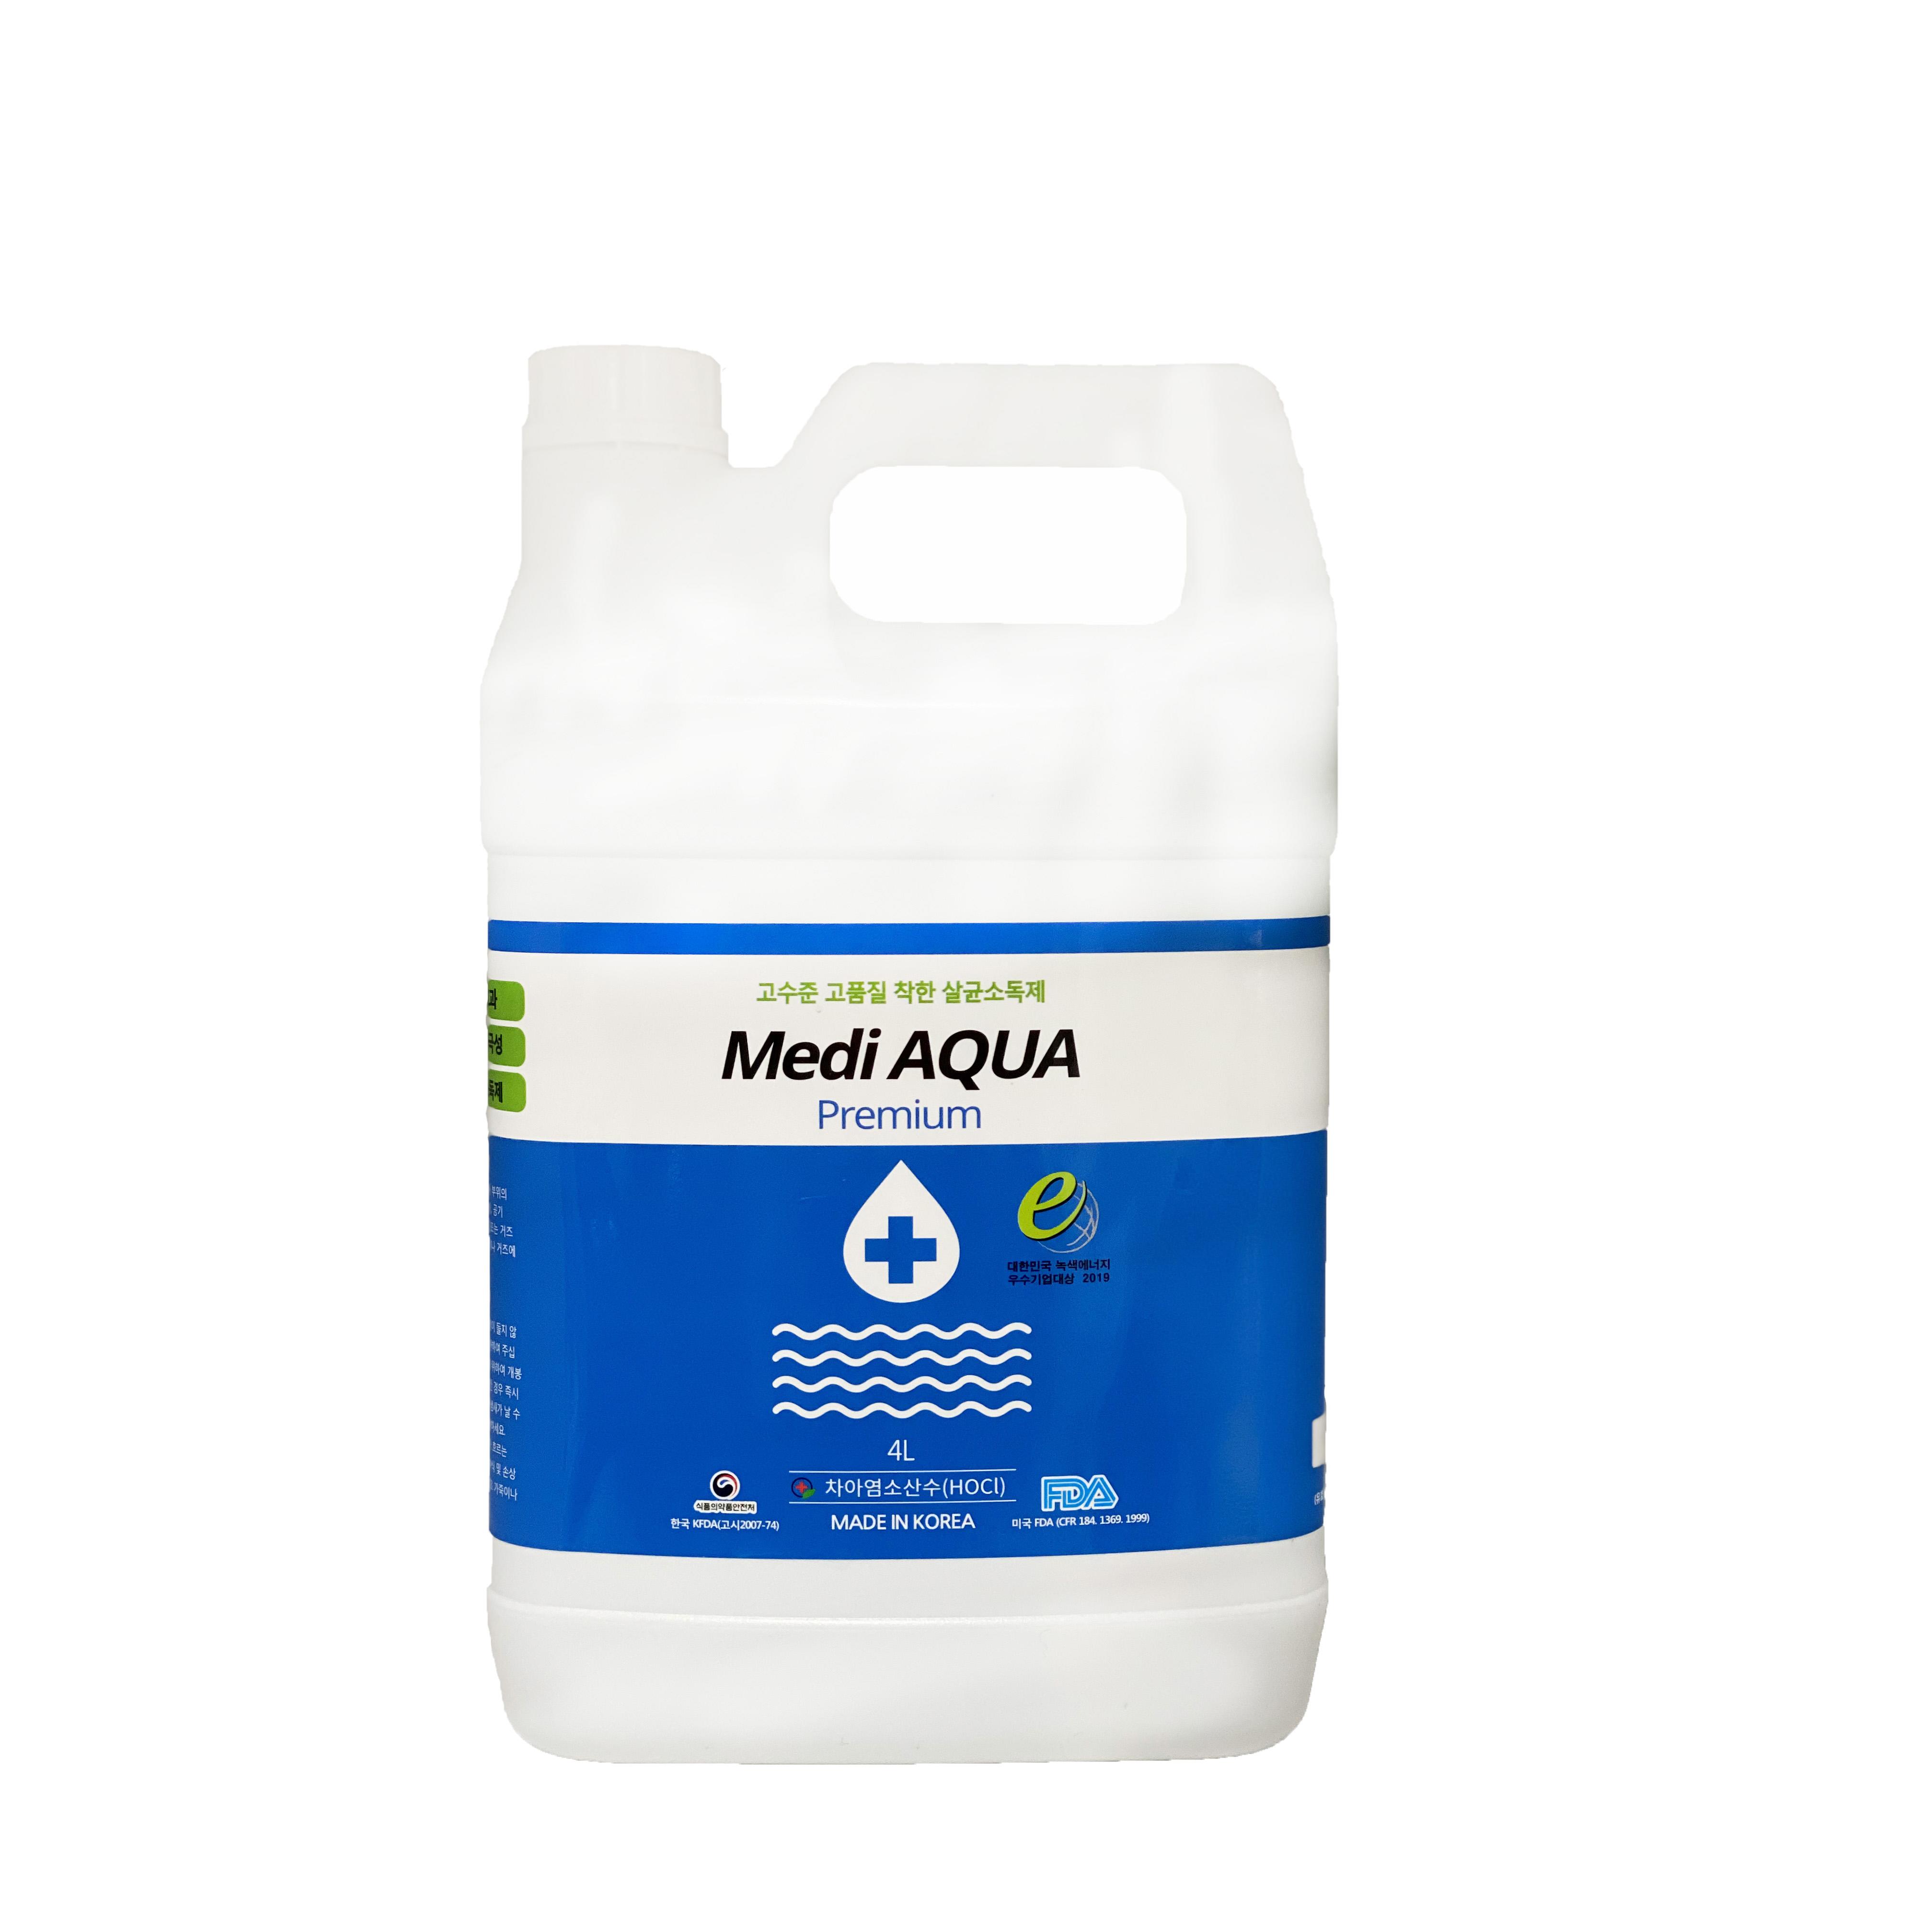 메디아쿠아 살균소독제, 4L, 1개